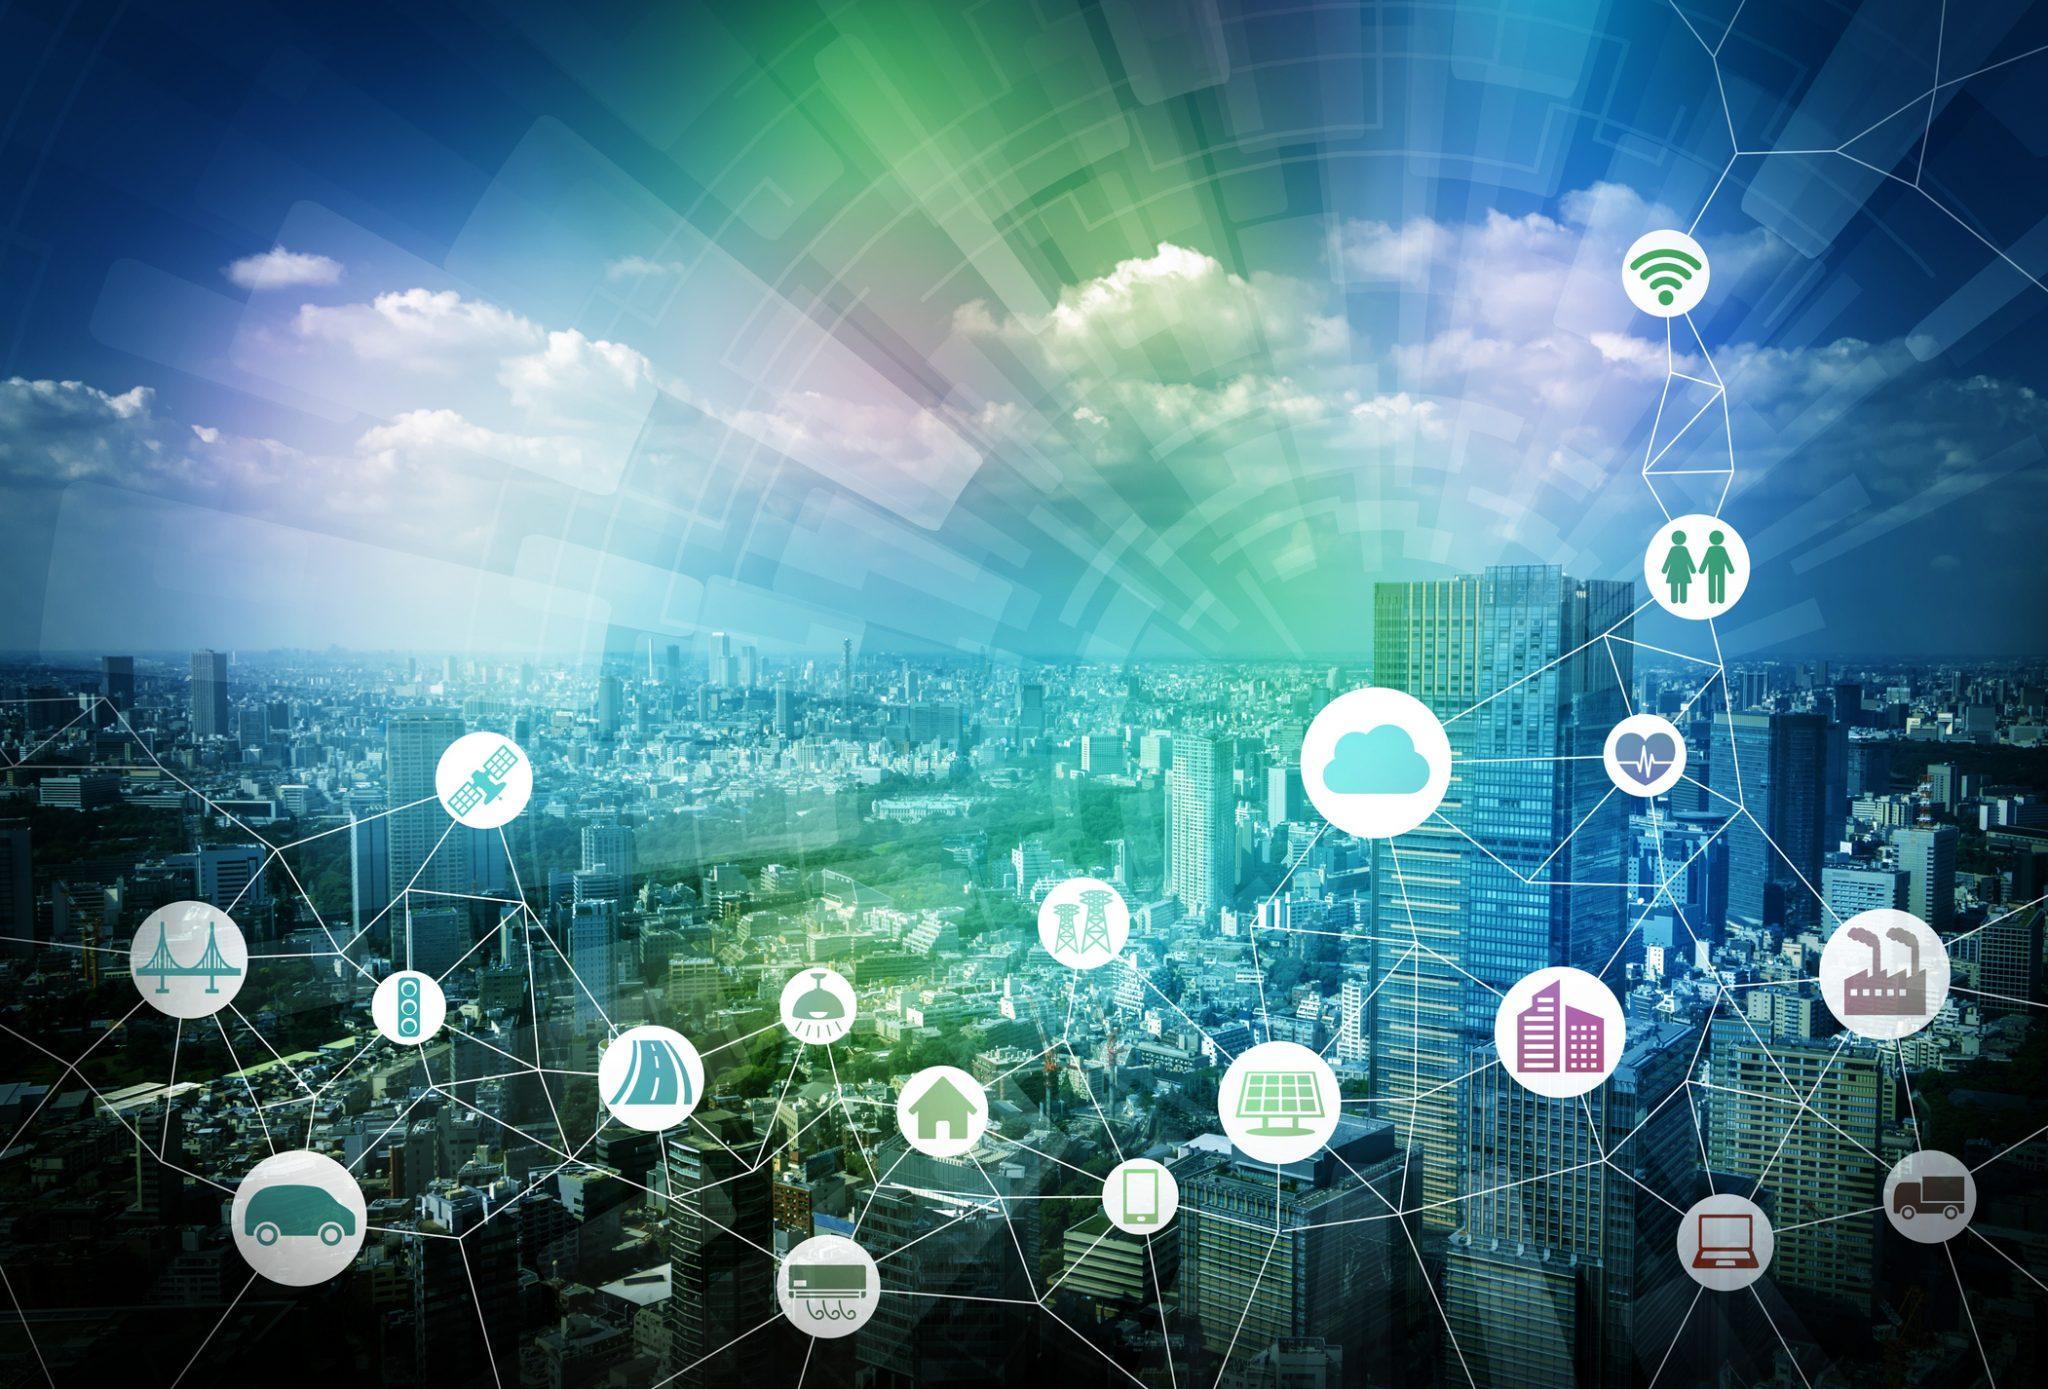 新时代物联网安全的要求有哪些?